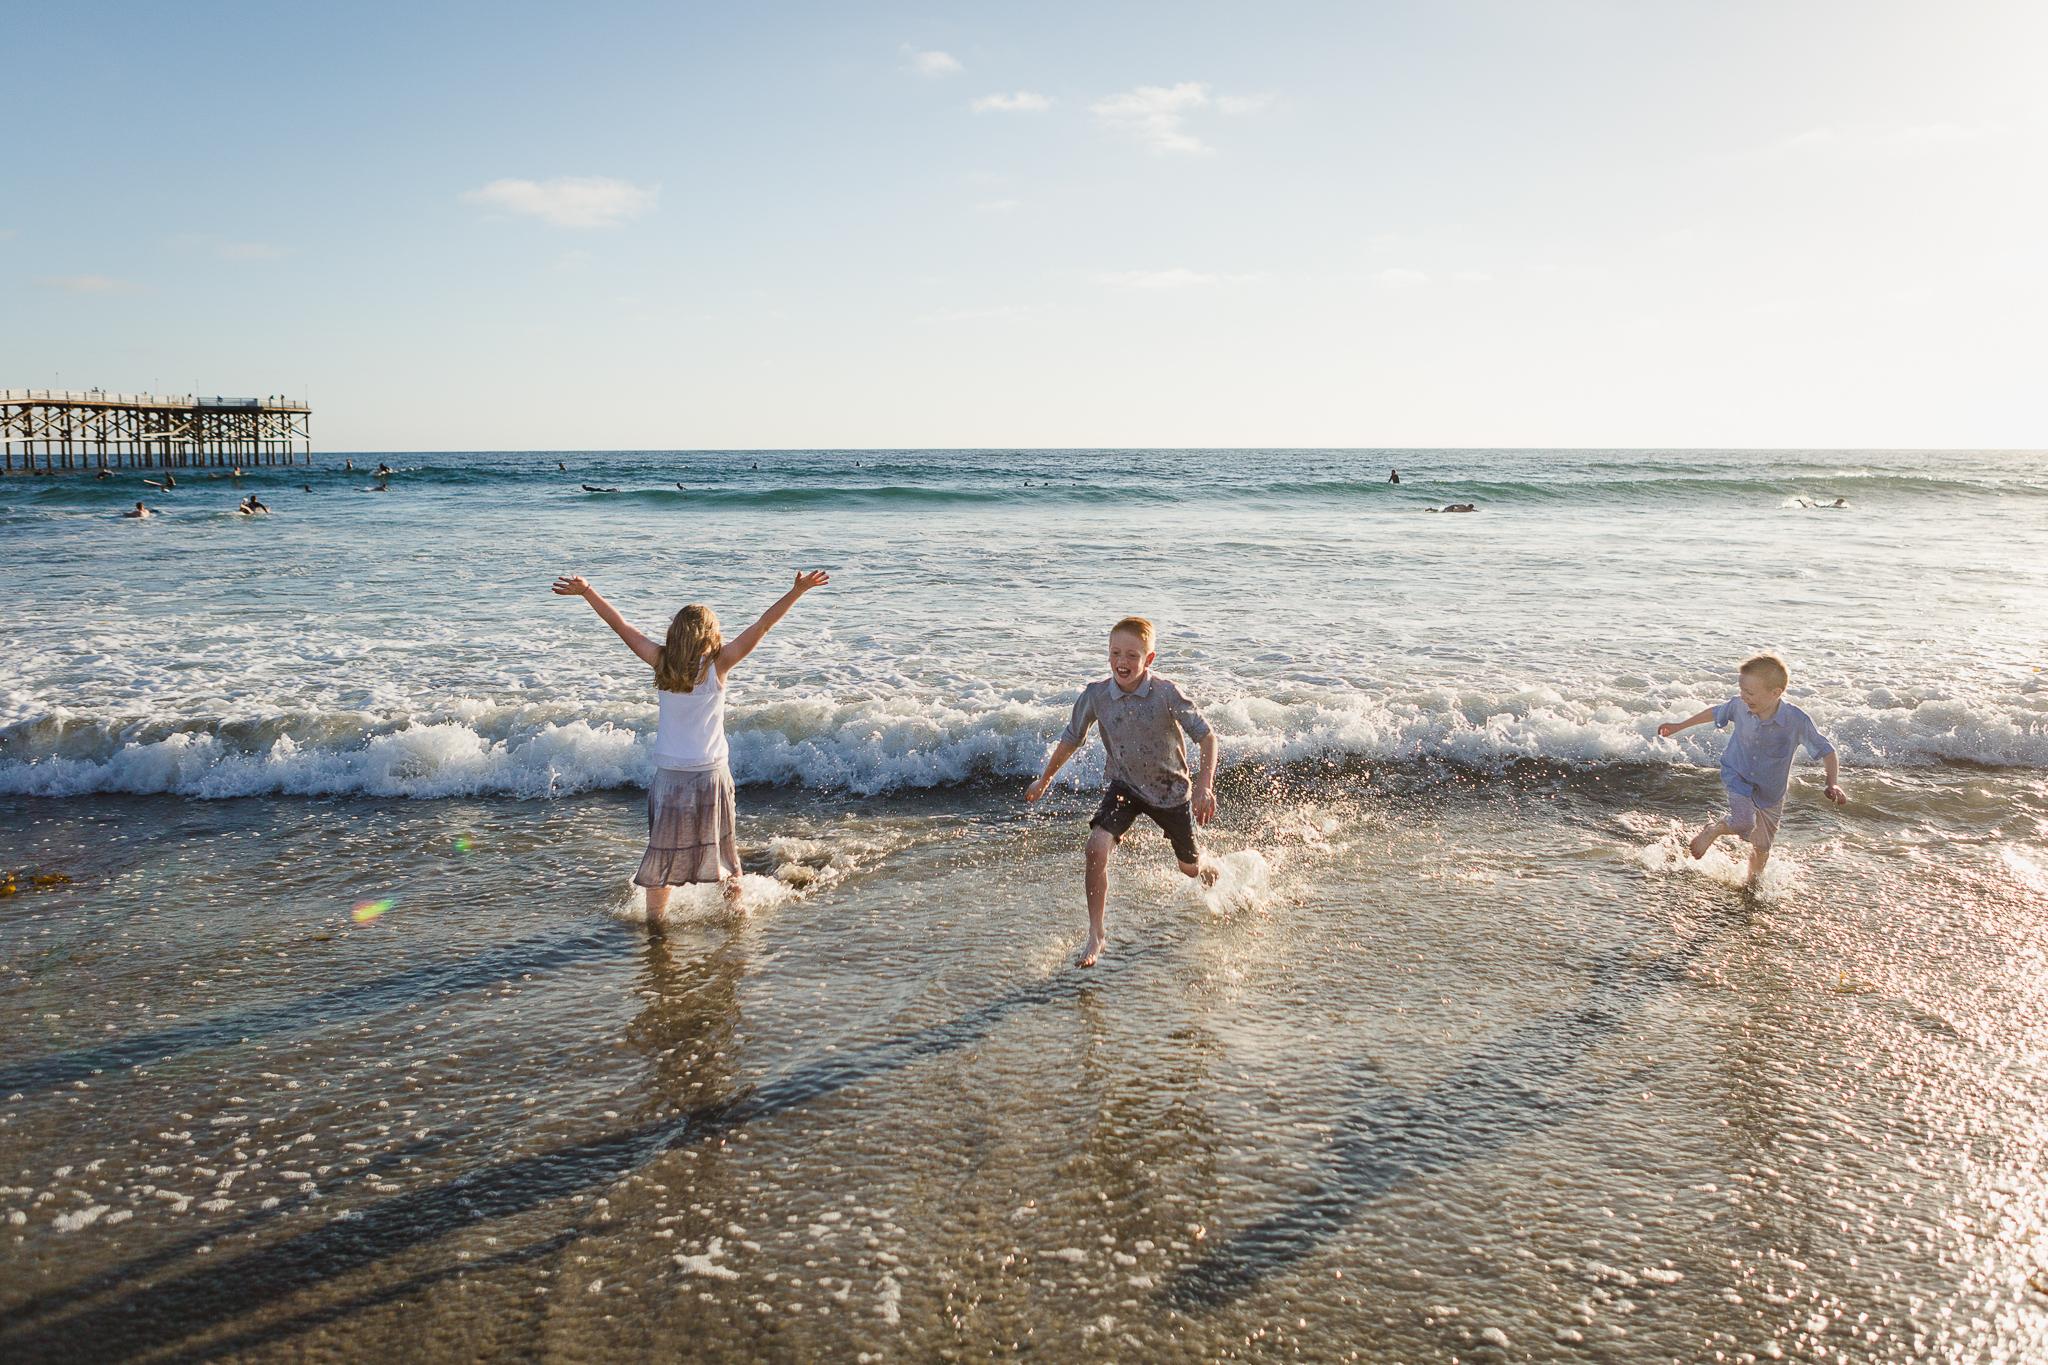 San-Diego-Photographer-Vacationing-Christine-Dammann-WS-GF-11.jpg